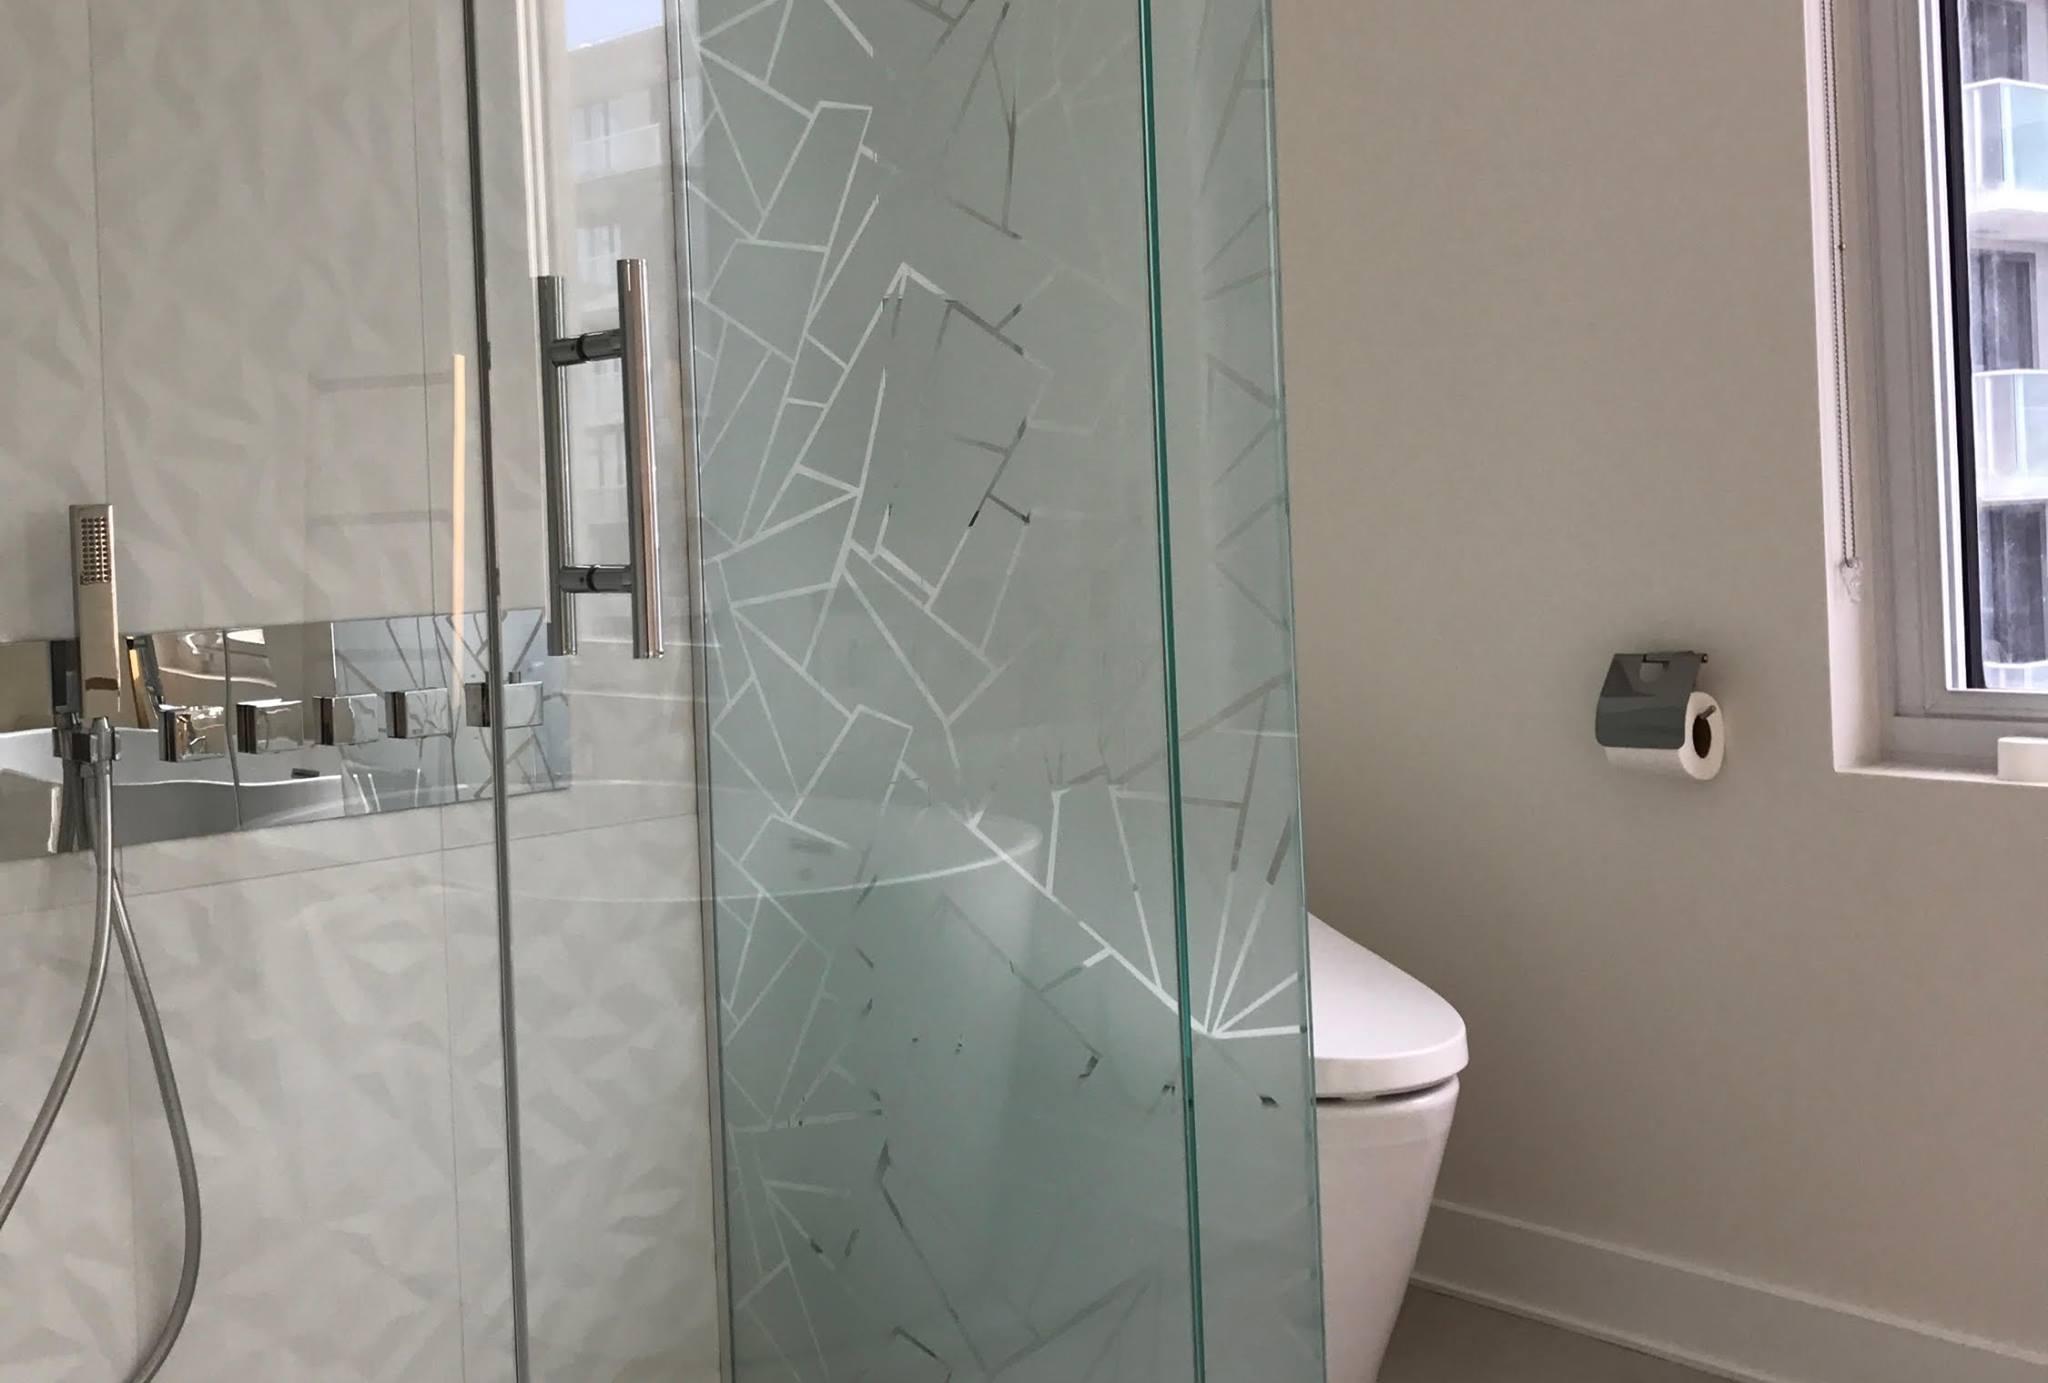 Salle De Bain Motif baies vitrées avec motif pour salle de bain - les entreprises jn